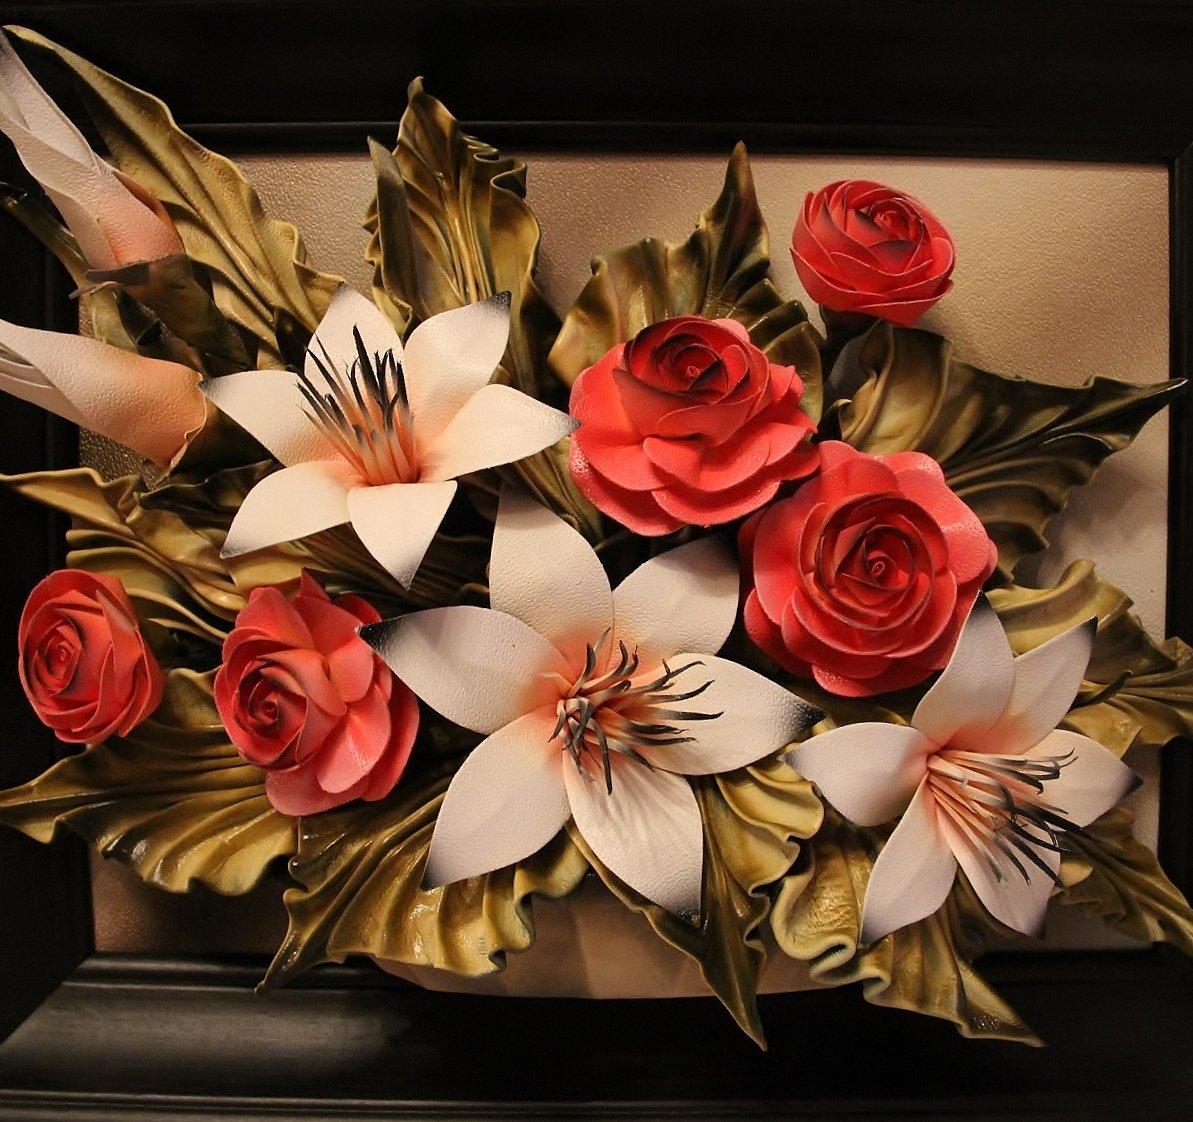 панно из цветов фото сулейман